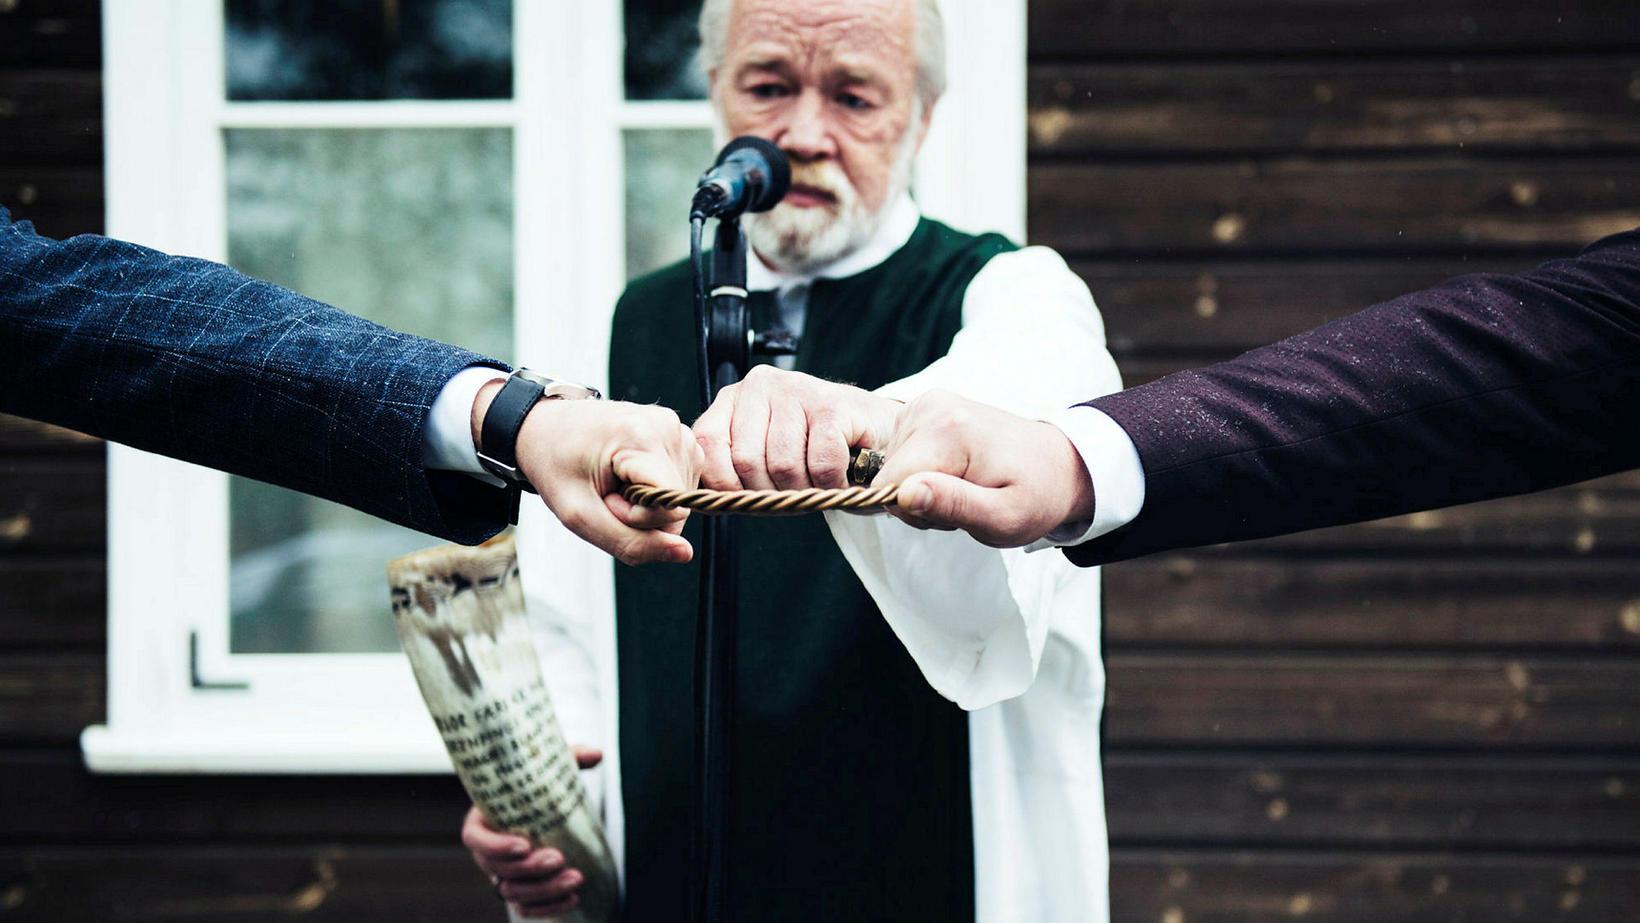 Hvorugur þeirra er í þjóðkirkjunni en Axel er skráður í …